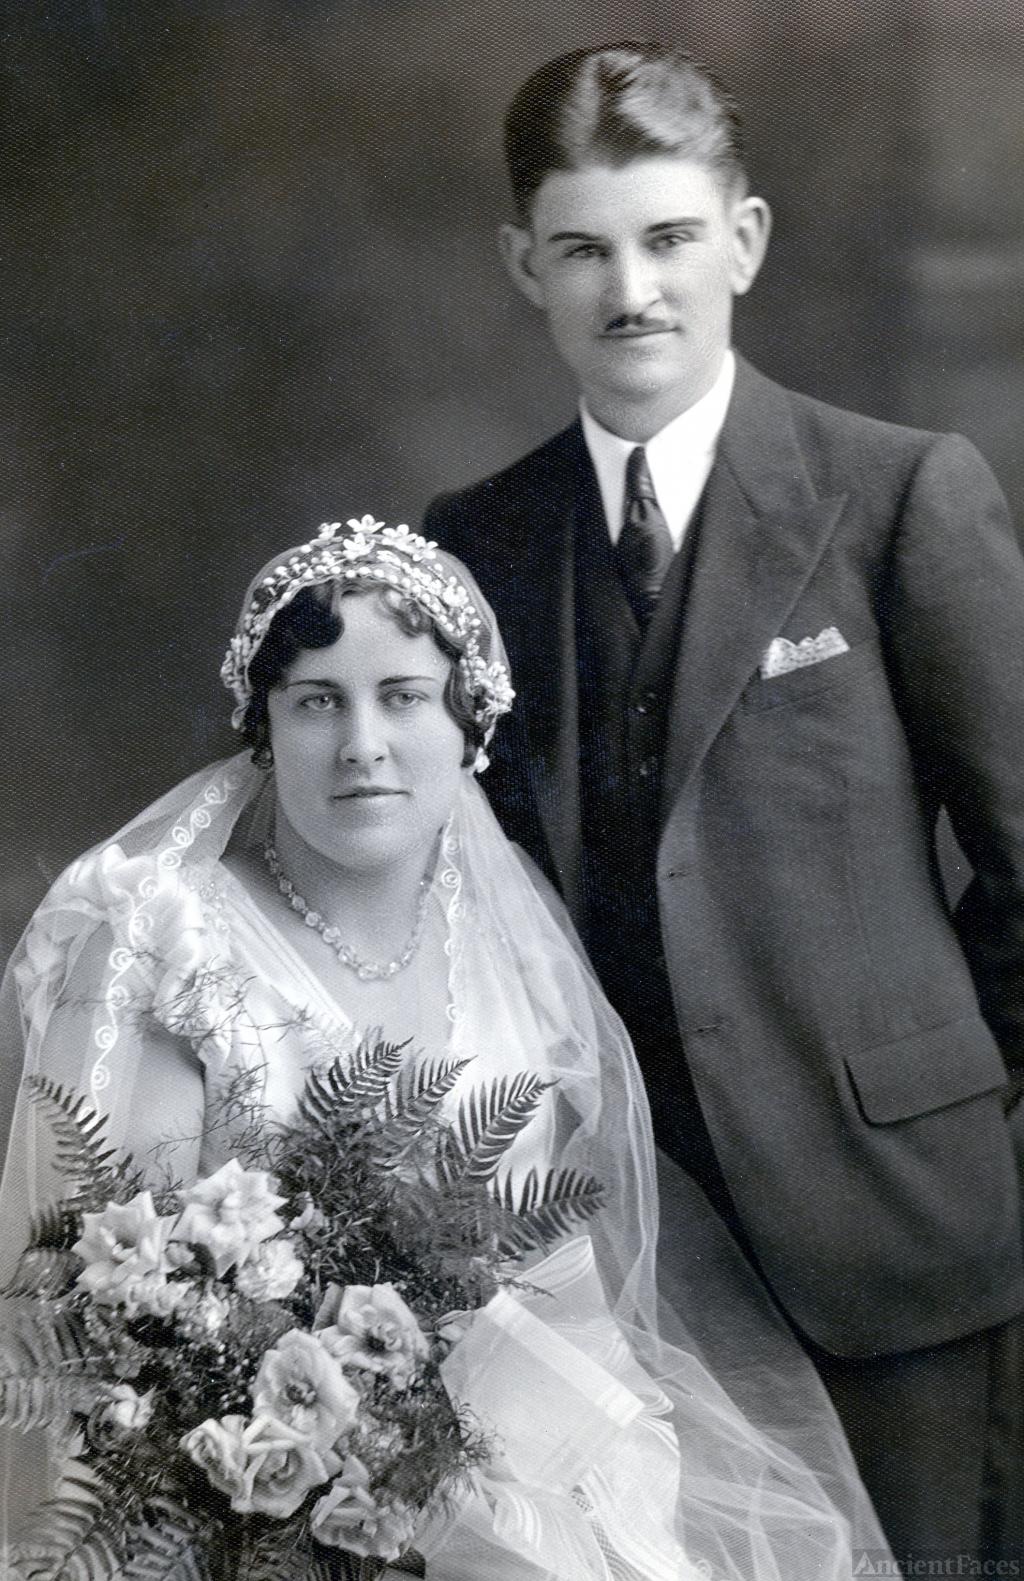 Christine & Phillip Kneifl, 1932